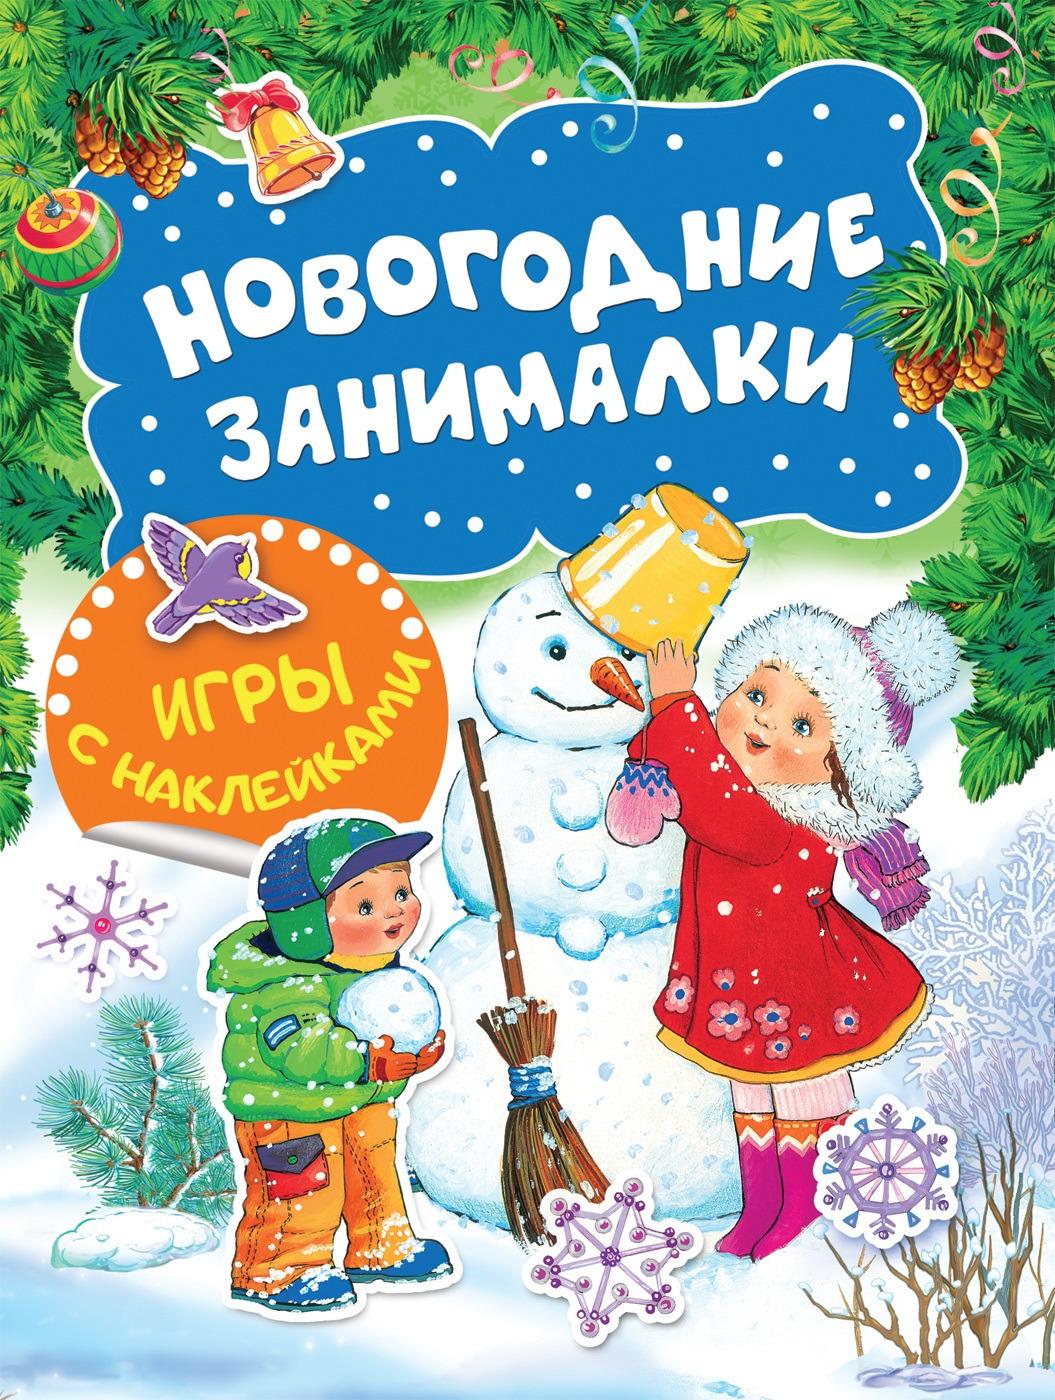 Н. И. Котятова Новогодние занималки. Игры с наклейками (Снеговичок) новикова е а новогодние занималки раскраски с наклейками снегурочка